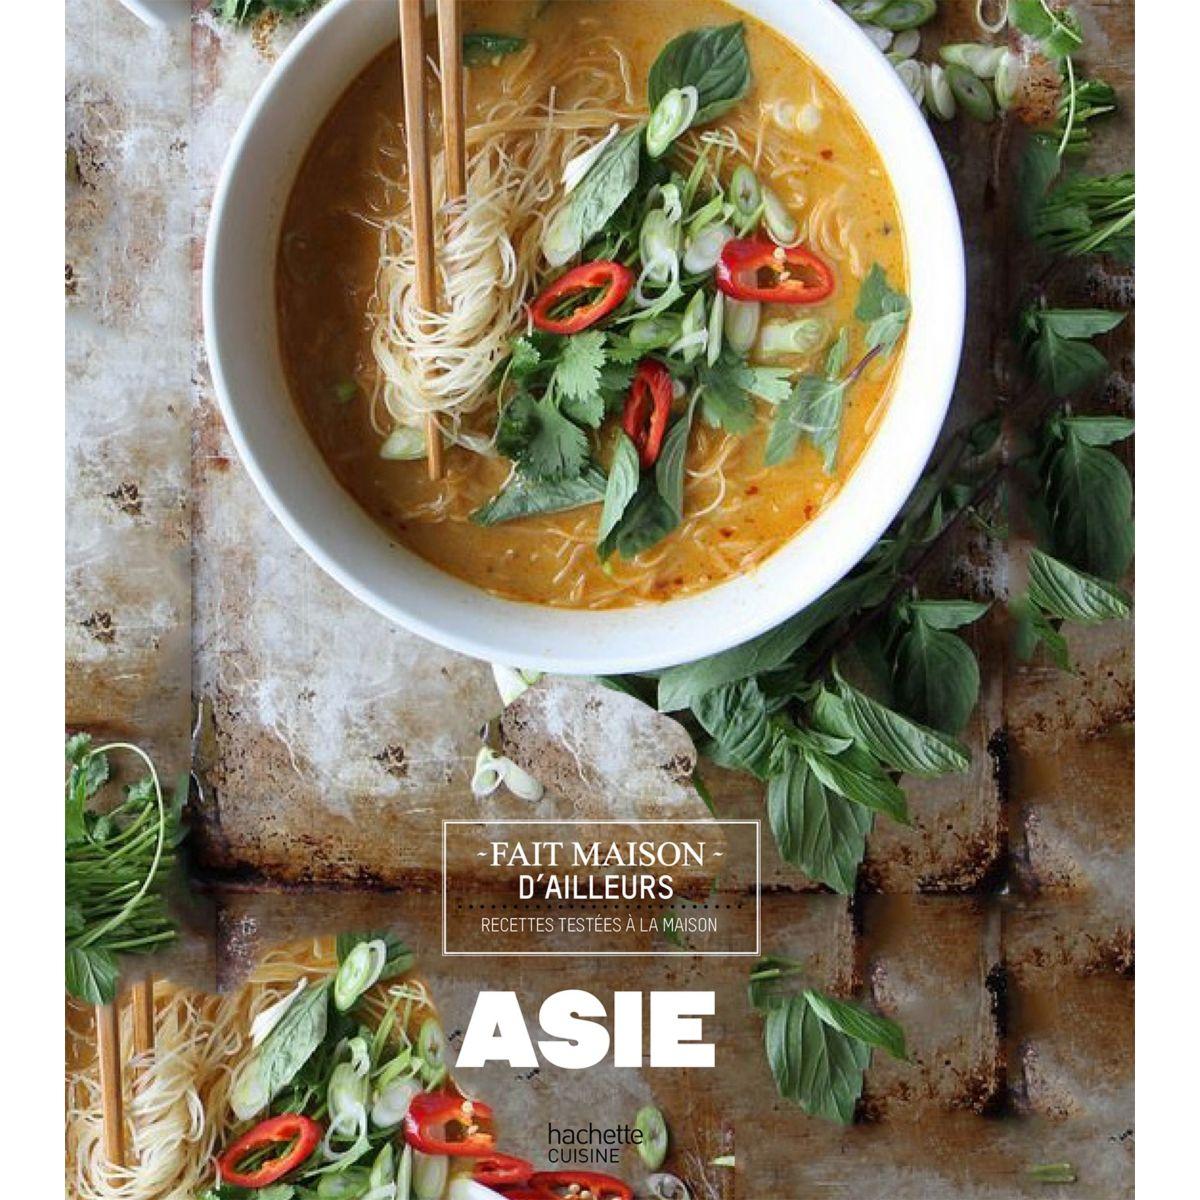 Livre hachette asie les meilleures recet - la sélection webdistrib.com (photo)